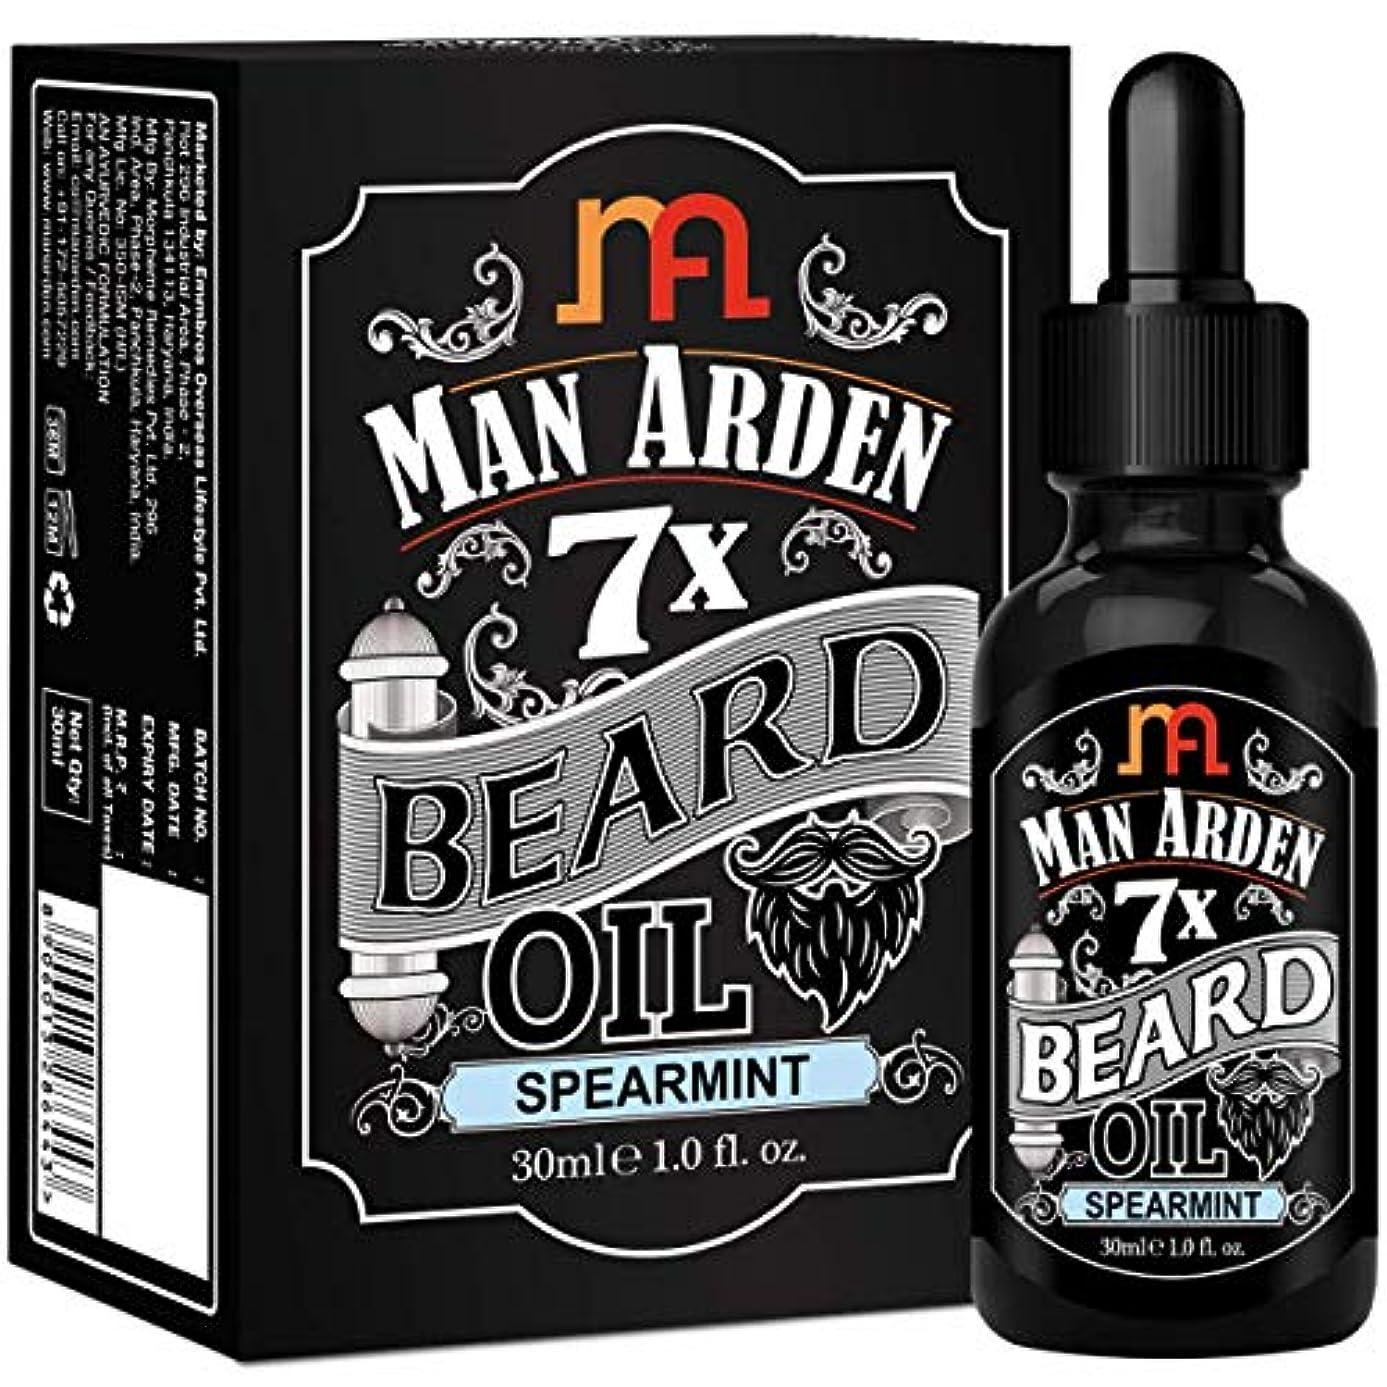 花婿迷彩着実にMan Arden 7X Beard Oil 30ml (Spearmint) - 7 Premium Oils For Beard Growth & Nourishment